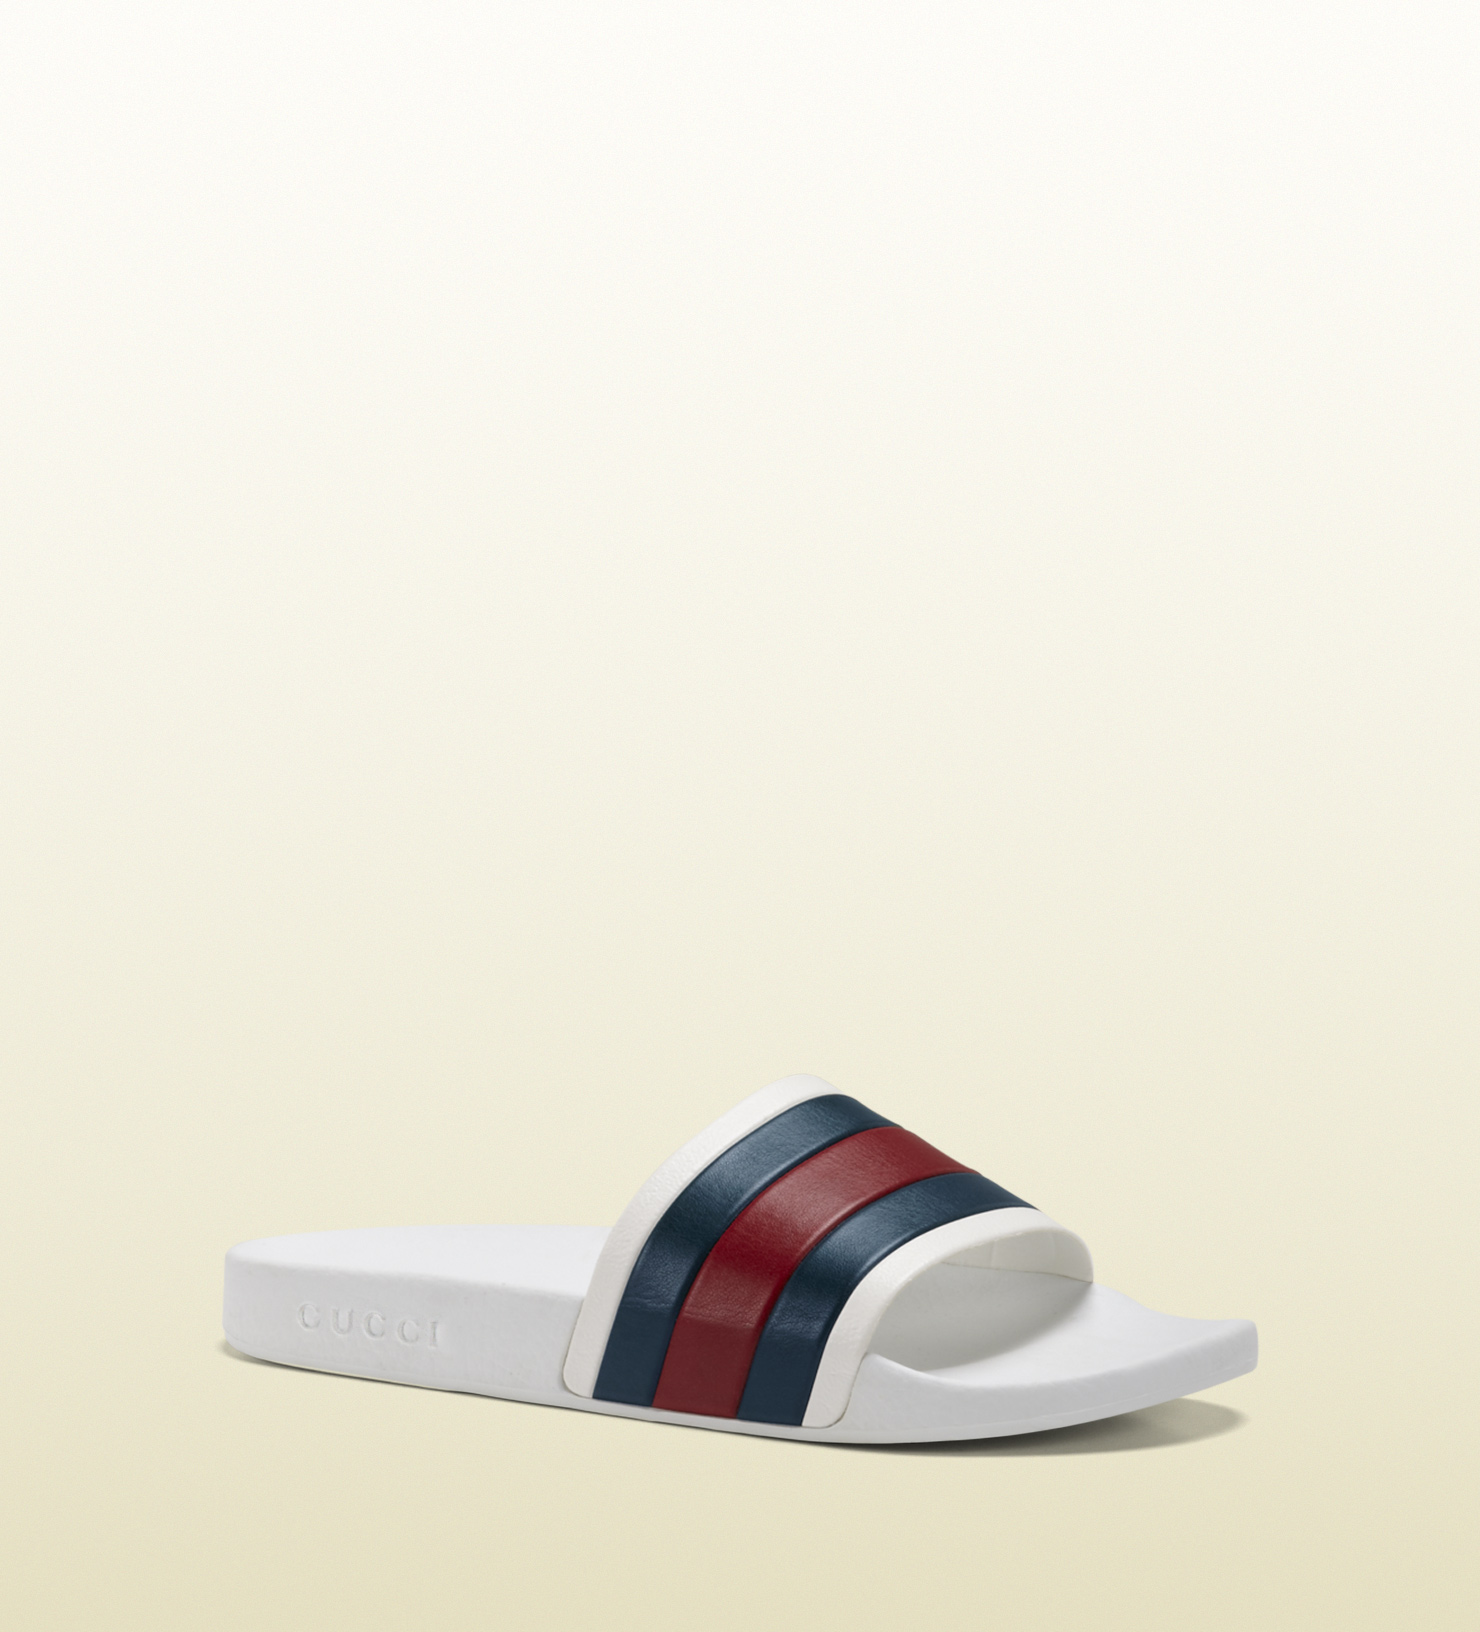 c8819f313aee Gucci White Rubber Slide Sandal in White for Men - Lyst